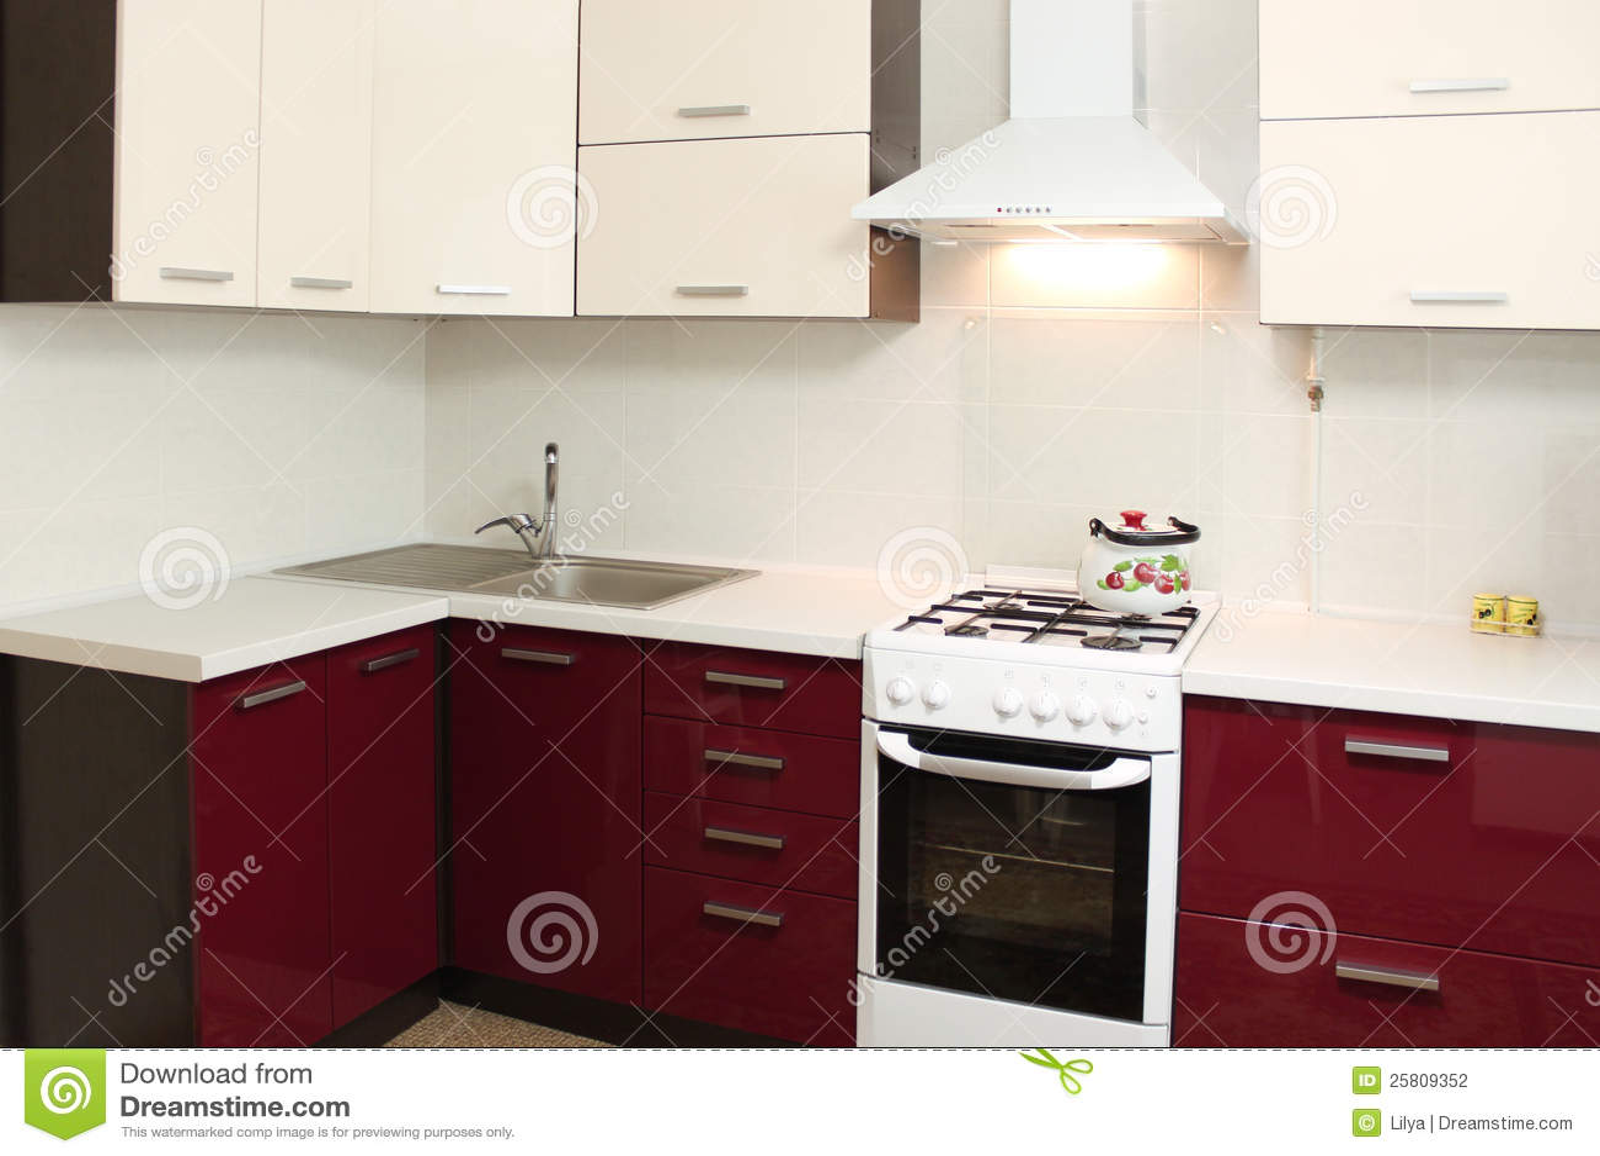 Domestica Interior Design.Domestic Kitchen Interior Design Stock Photo Image Of